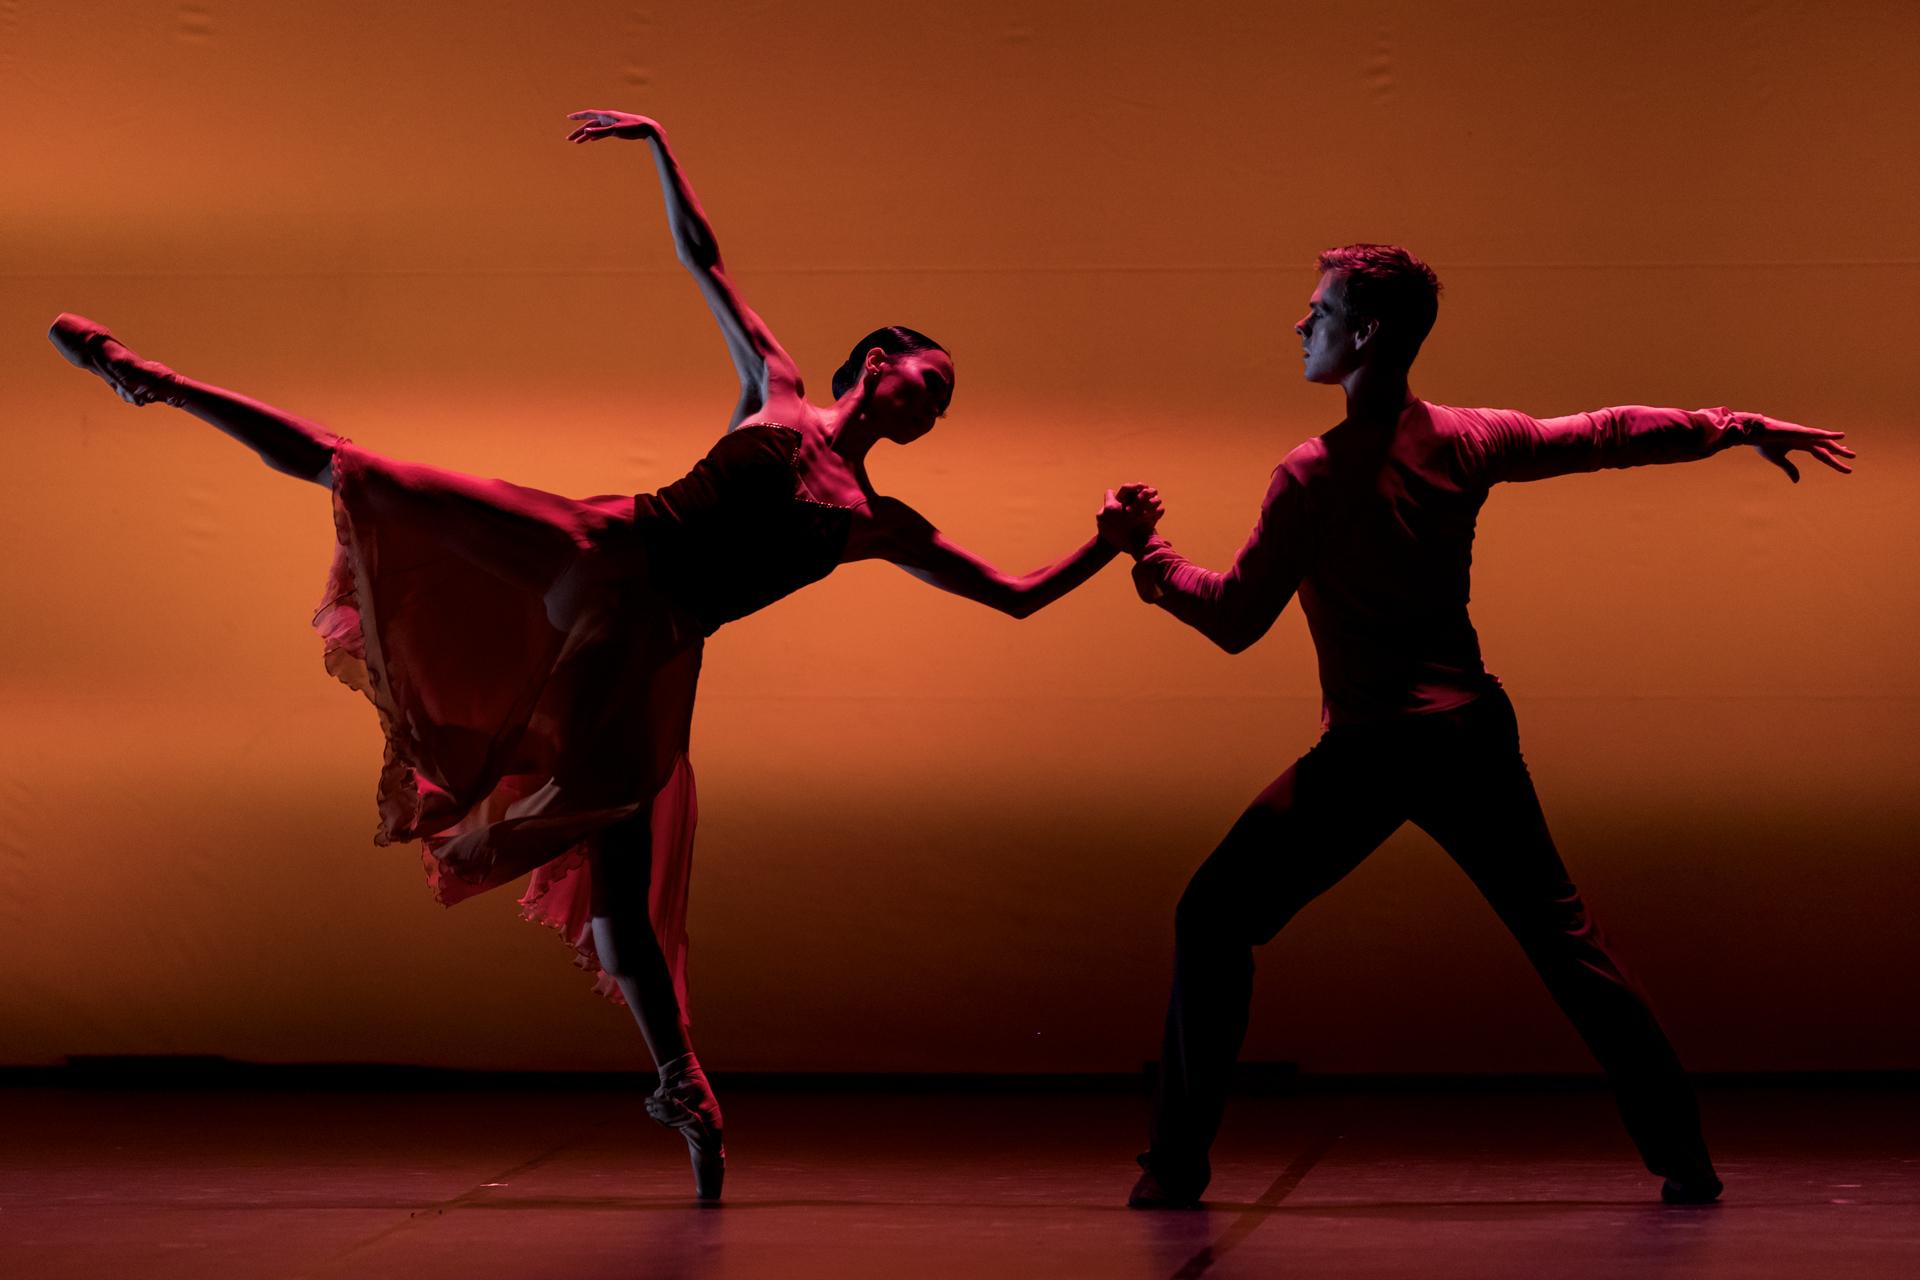 2018_09_09-Astana-Ballet-©LKV-204810-5D4A2608